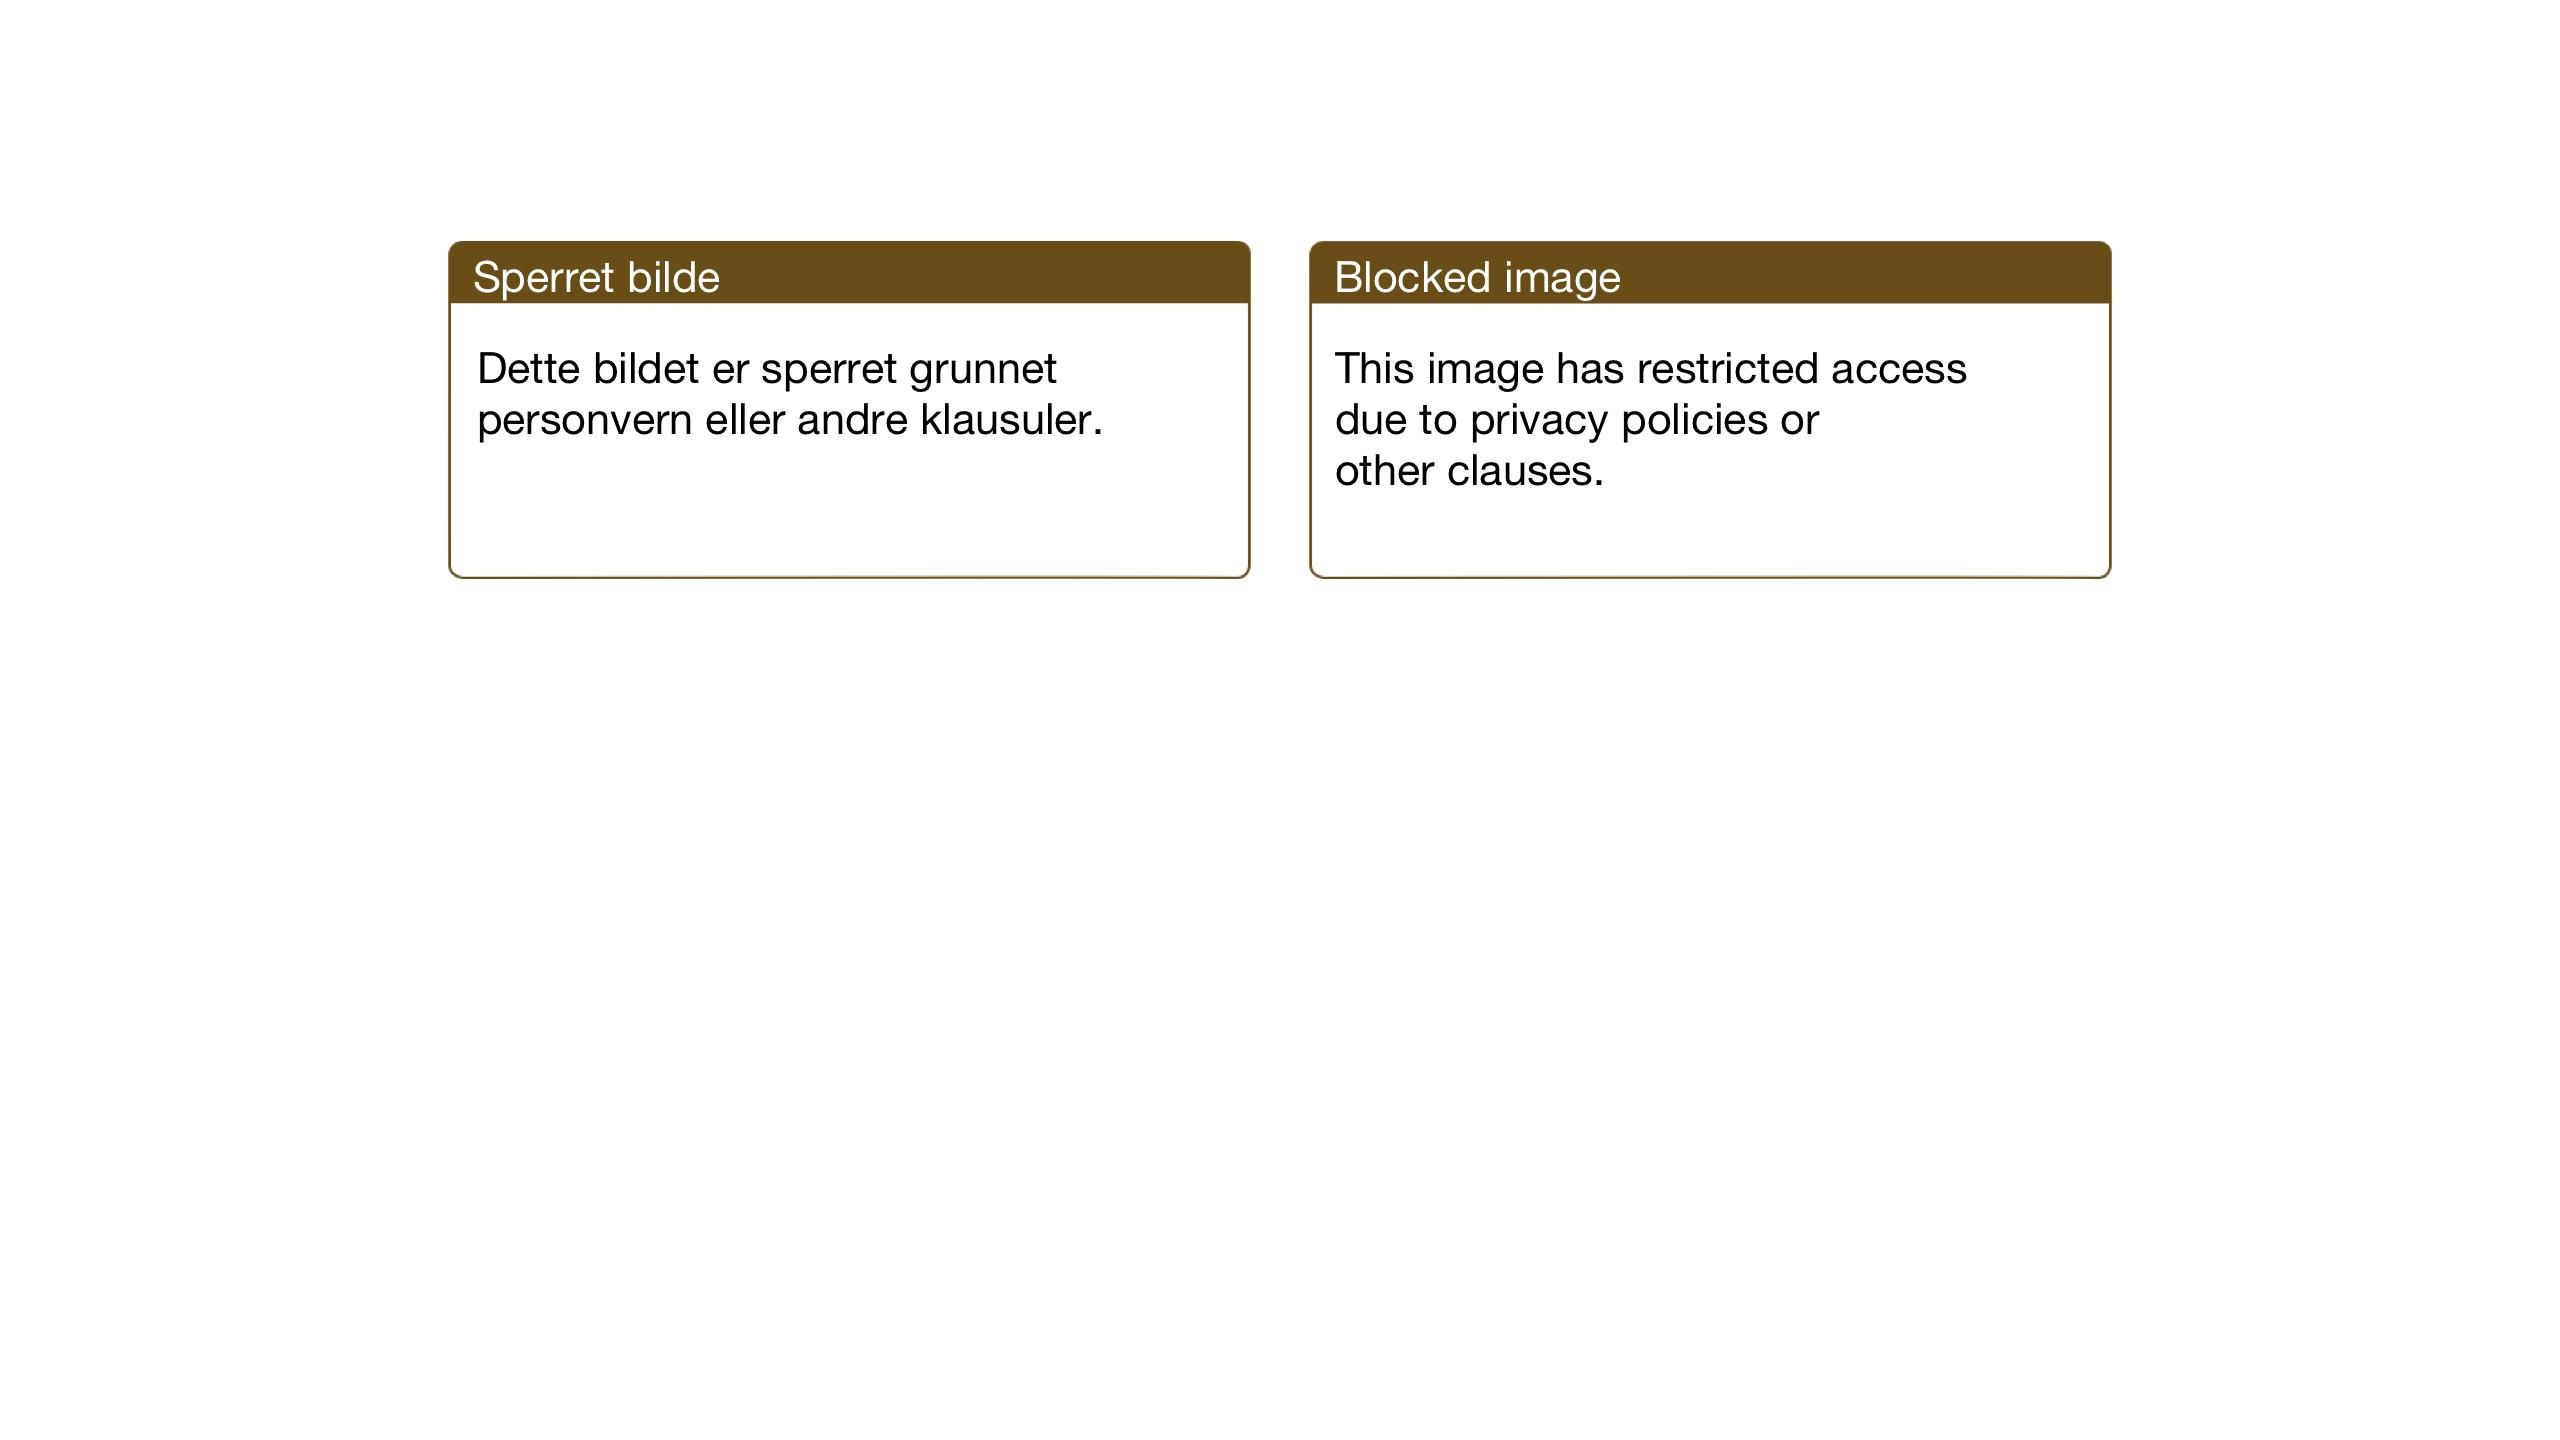 SAT, Ministerialprotokoller, klokkerbøker og fødselsregistre - Nord-Trøndelag, 714/L0136: Klokkerbok nr. 714C05, 1918-1957, s. 76